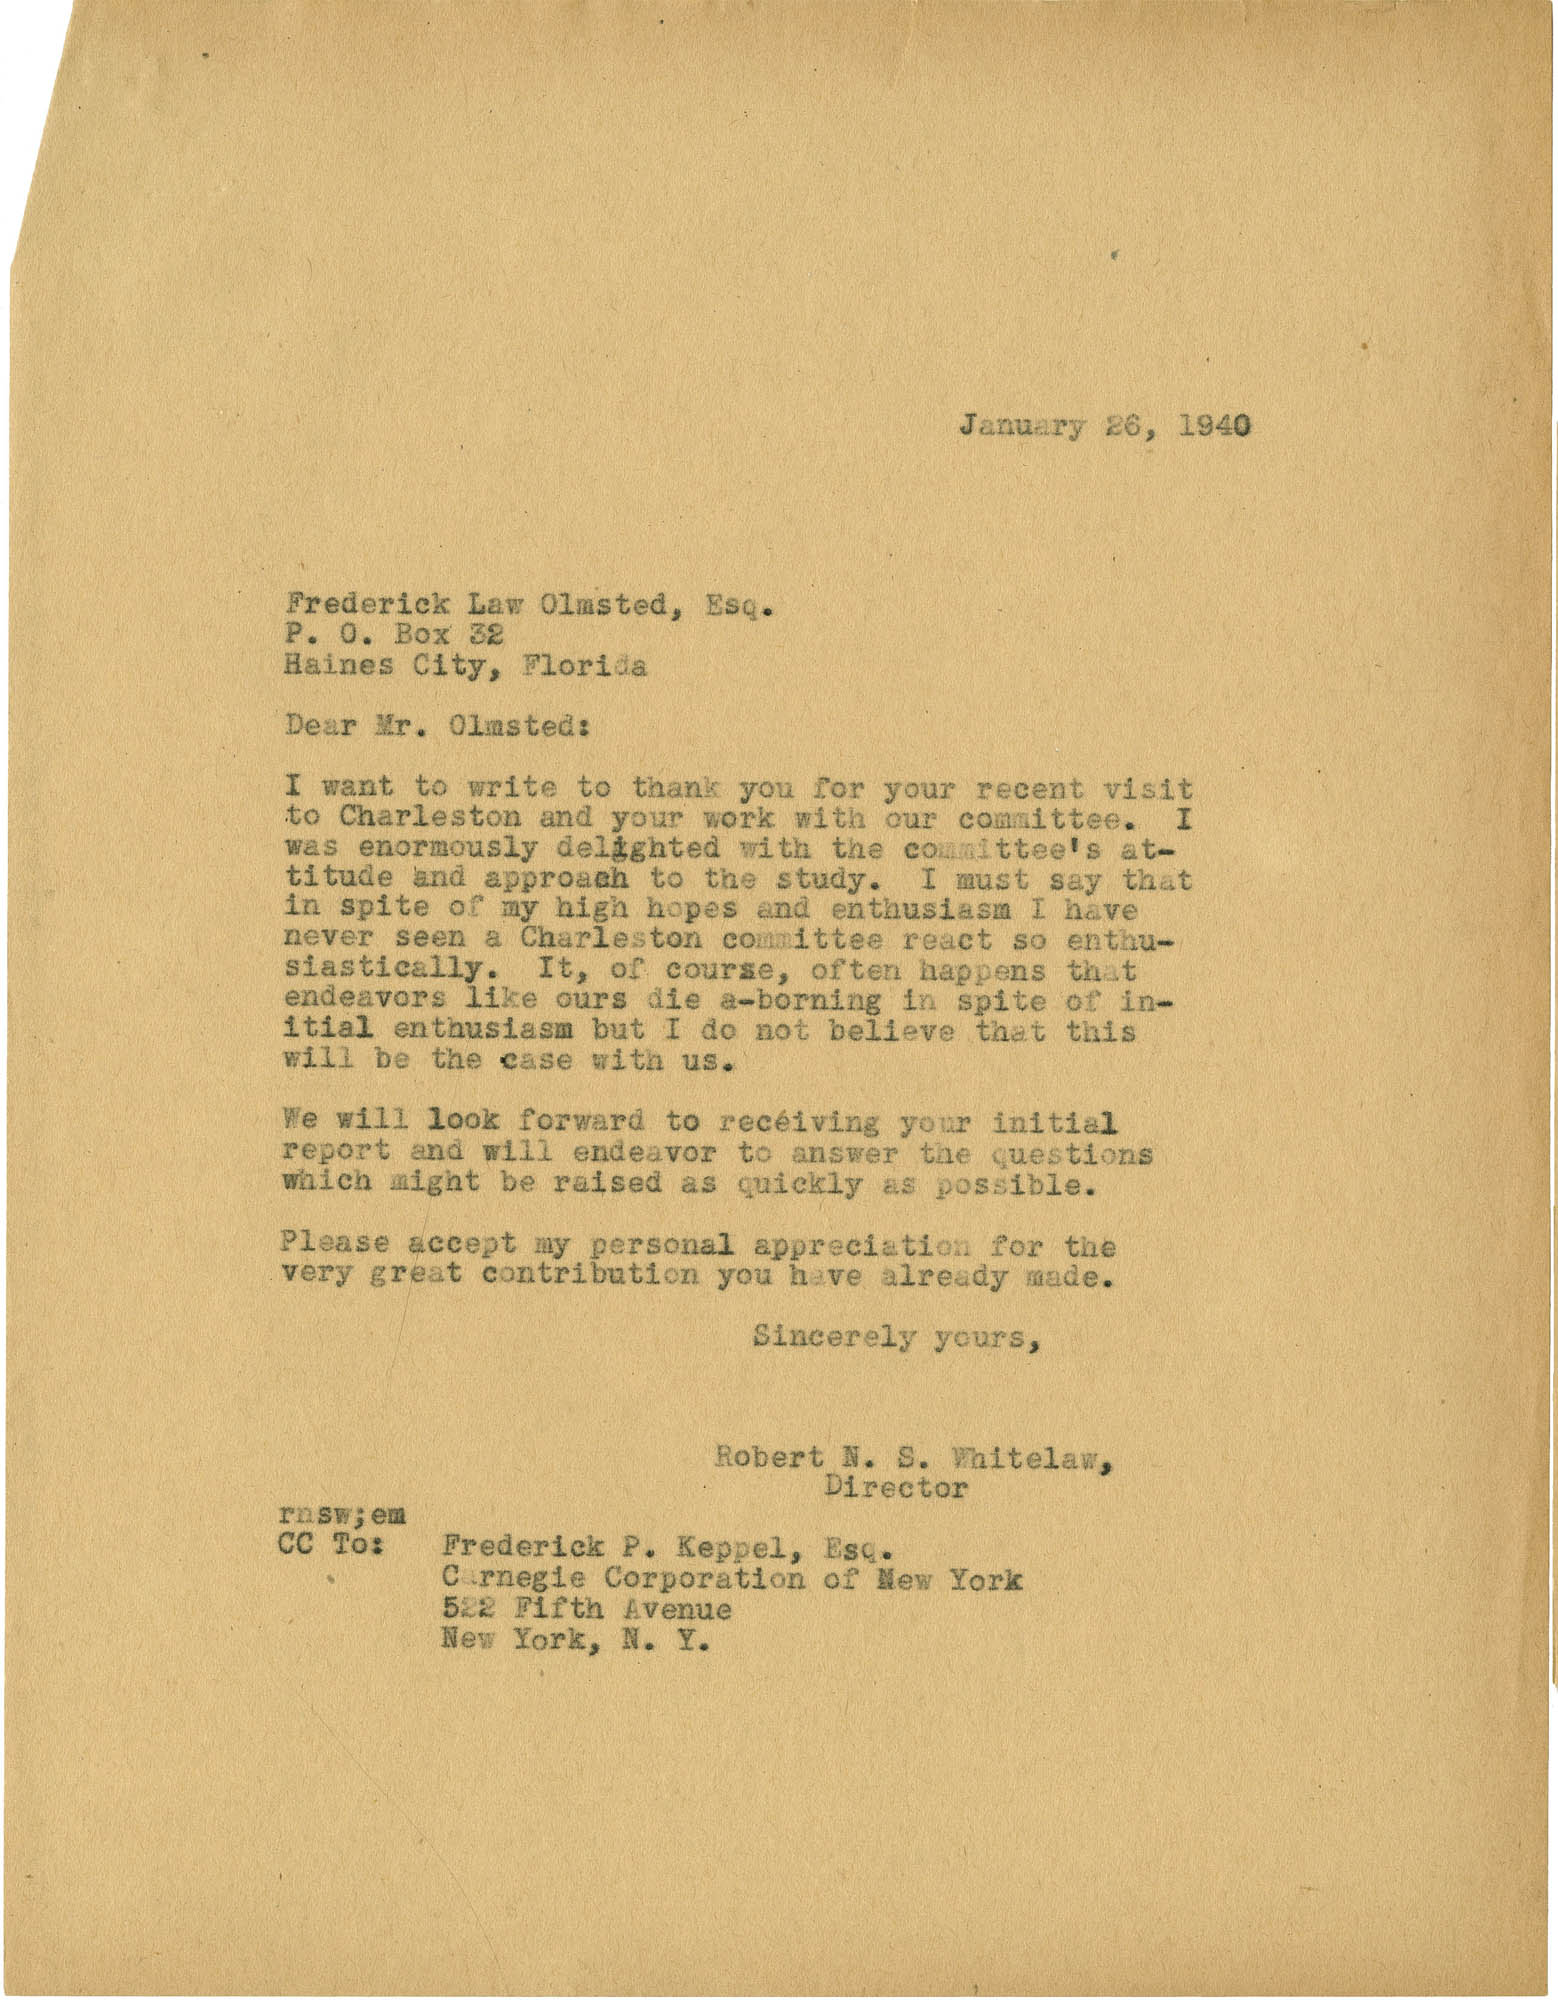 Folder 20: Whitelaw Letter 6